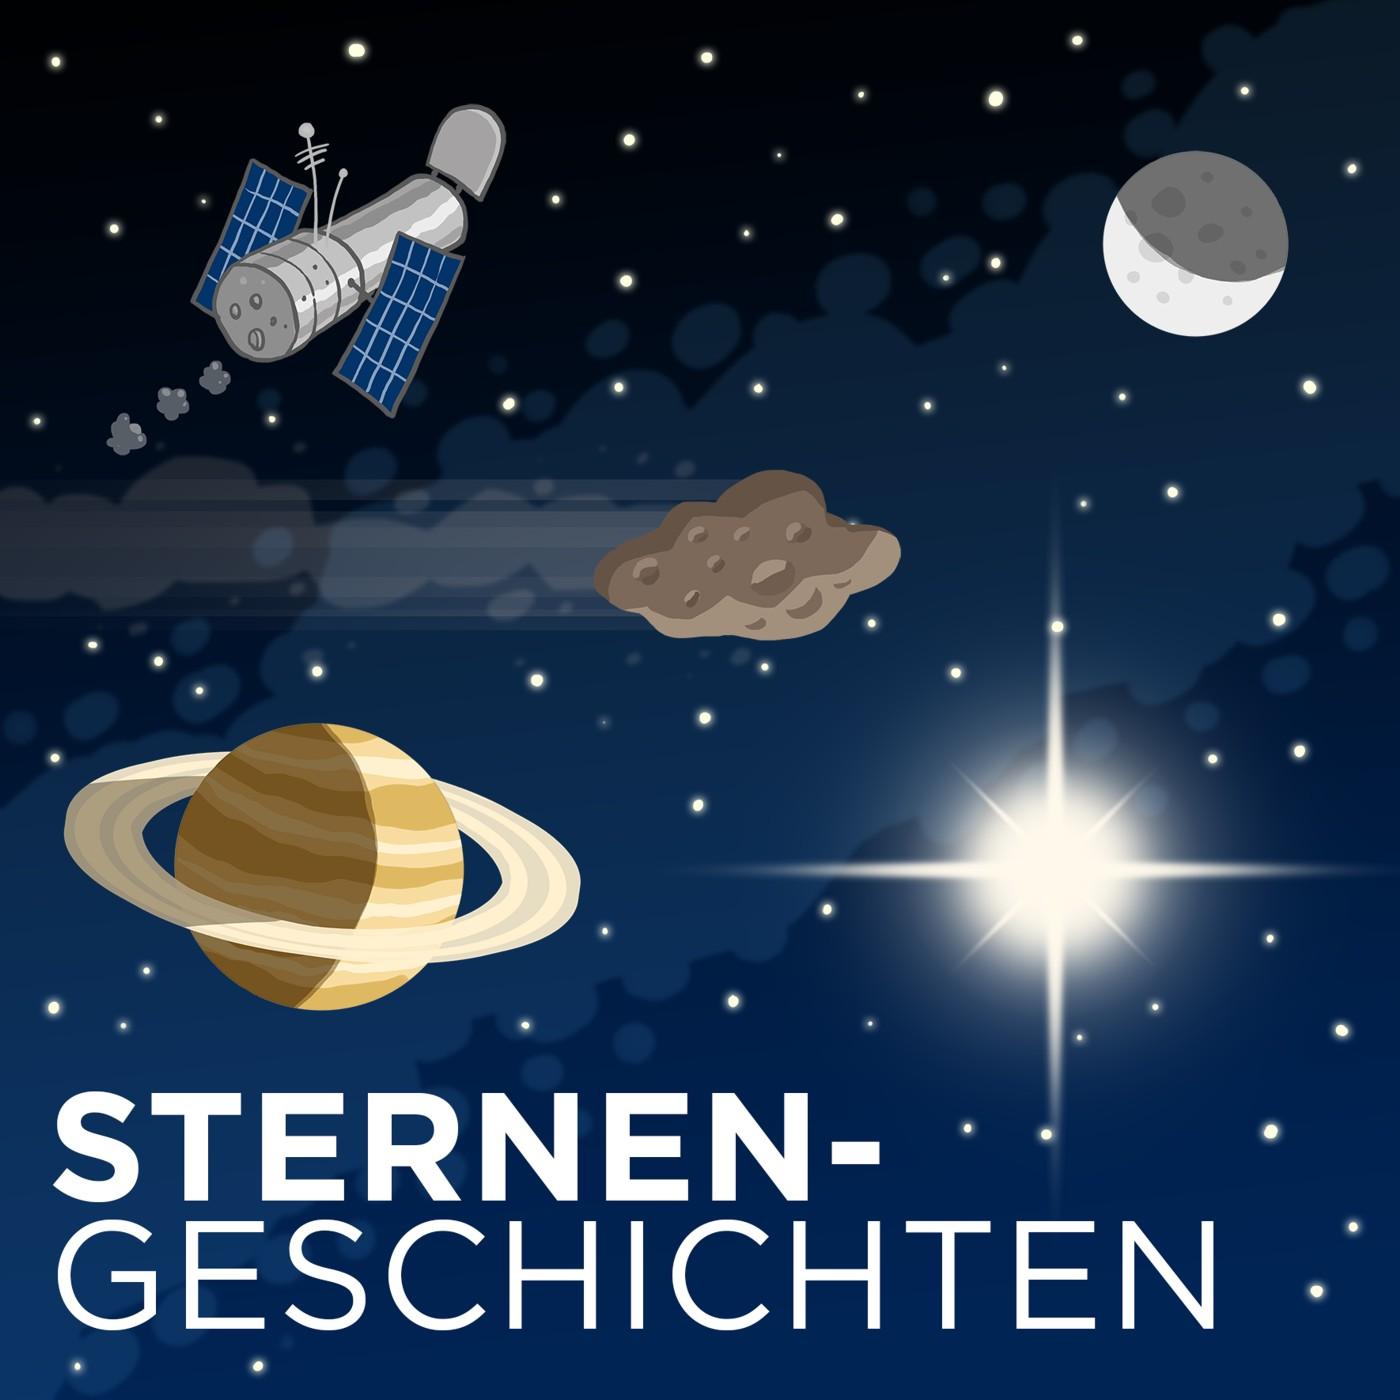 Sternengeschichten Folge 427: Der Einschlag des Asteroiden 2008 TC3